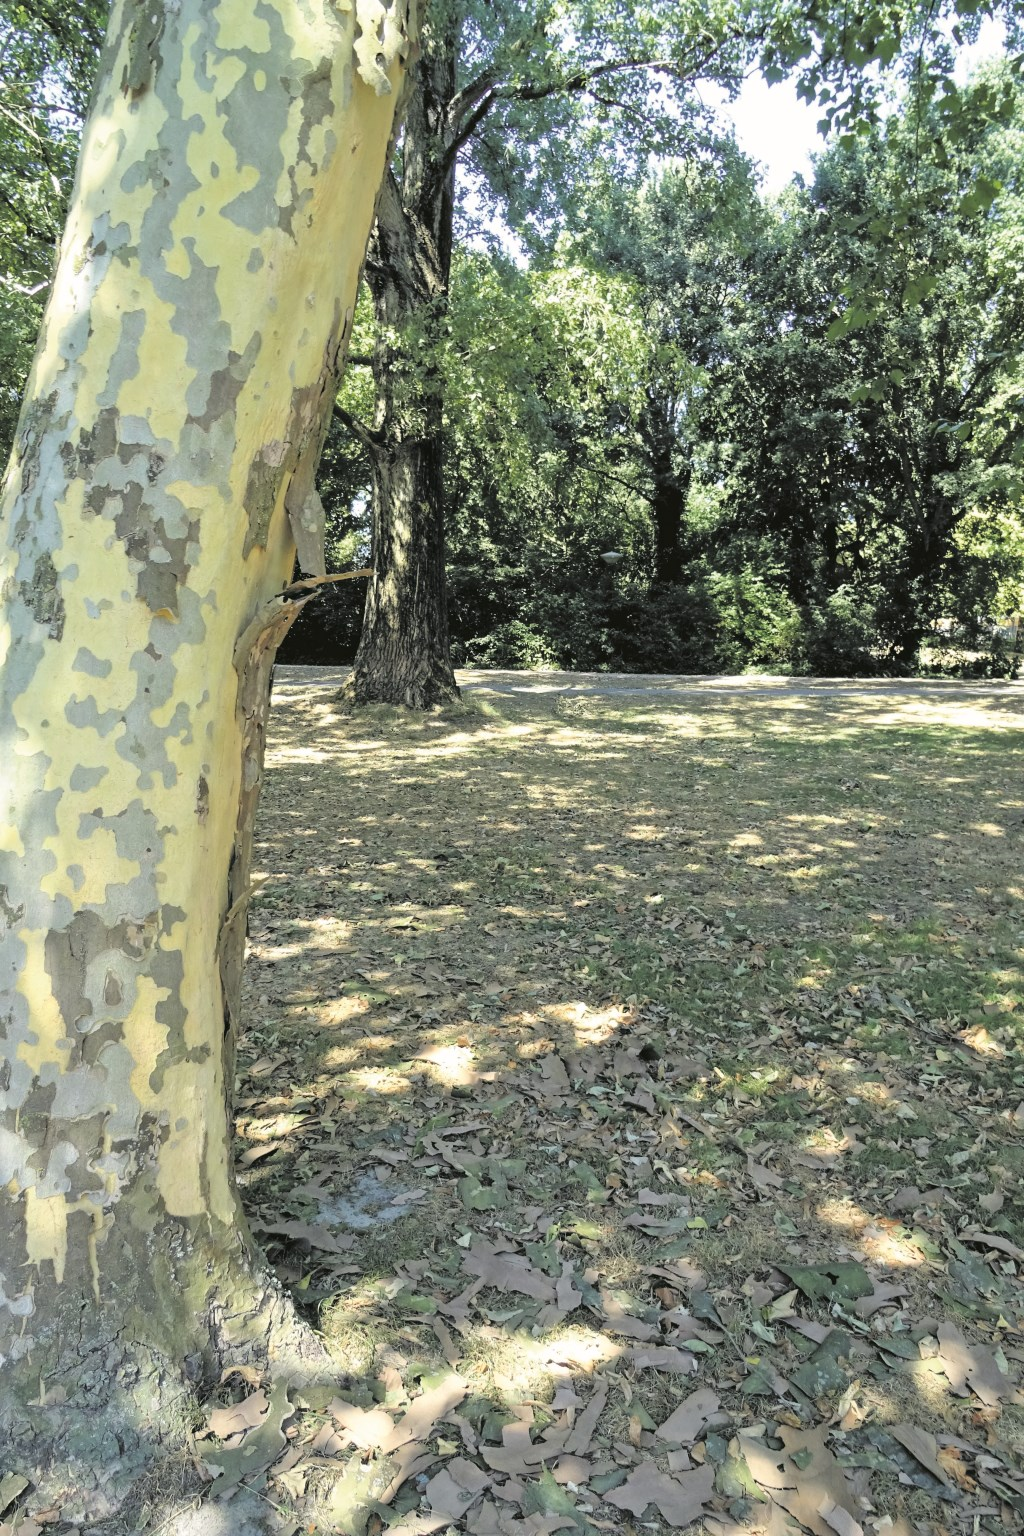 Door de warmte laat de Plataan zijn bast vallen. Het lijkt of de boom ziek is maar het is een overlevingsmechanisme. Foto: KD © De Vierklank